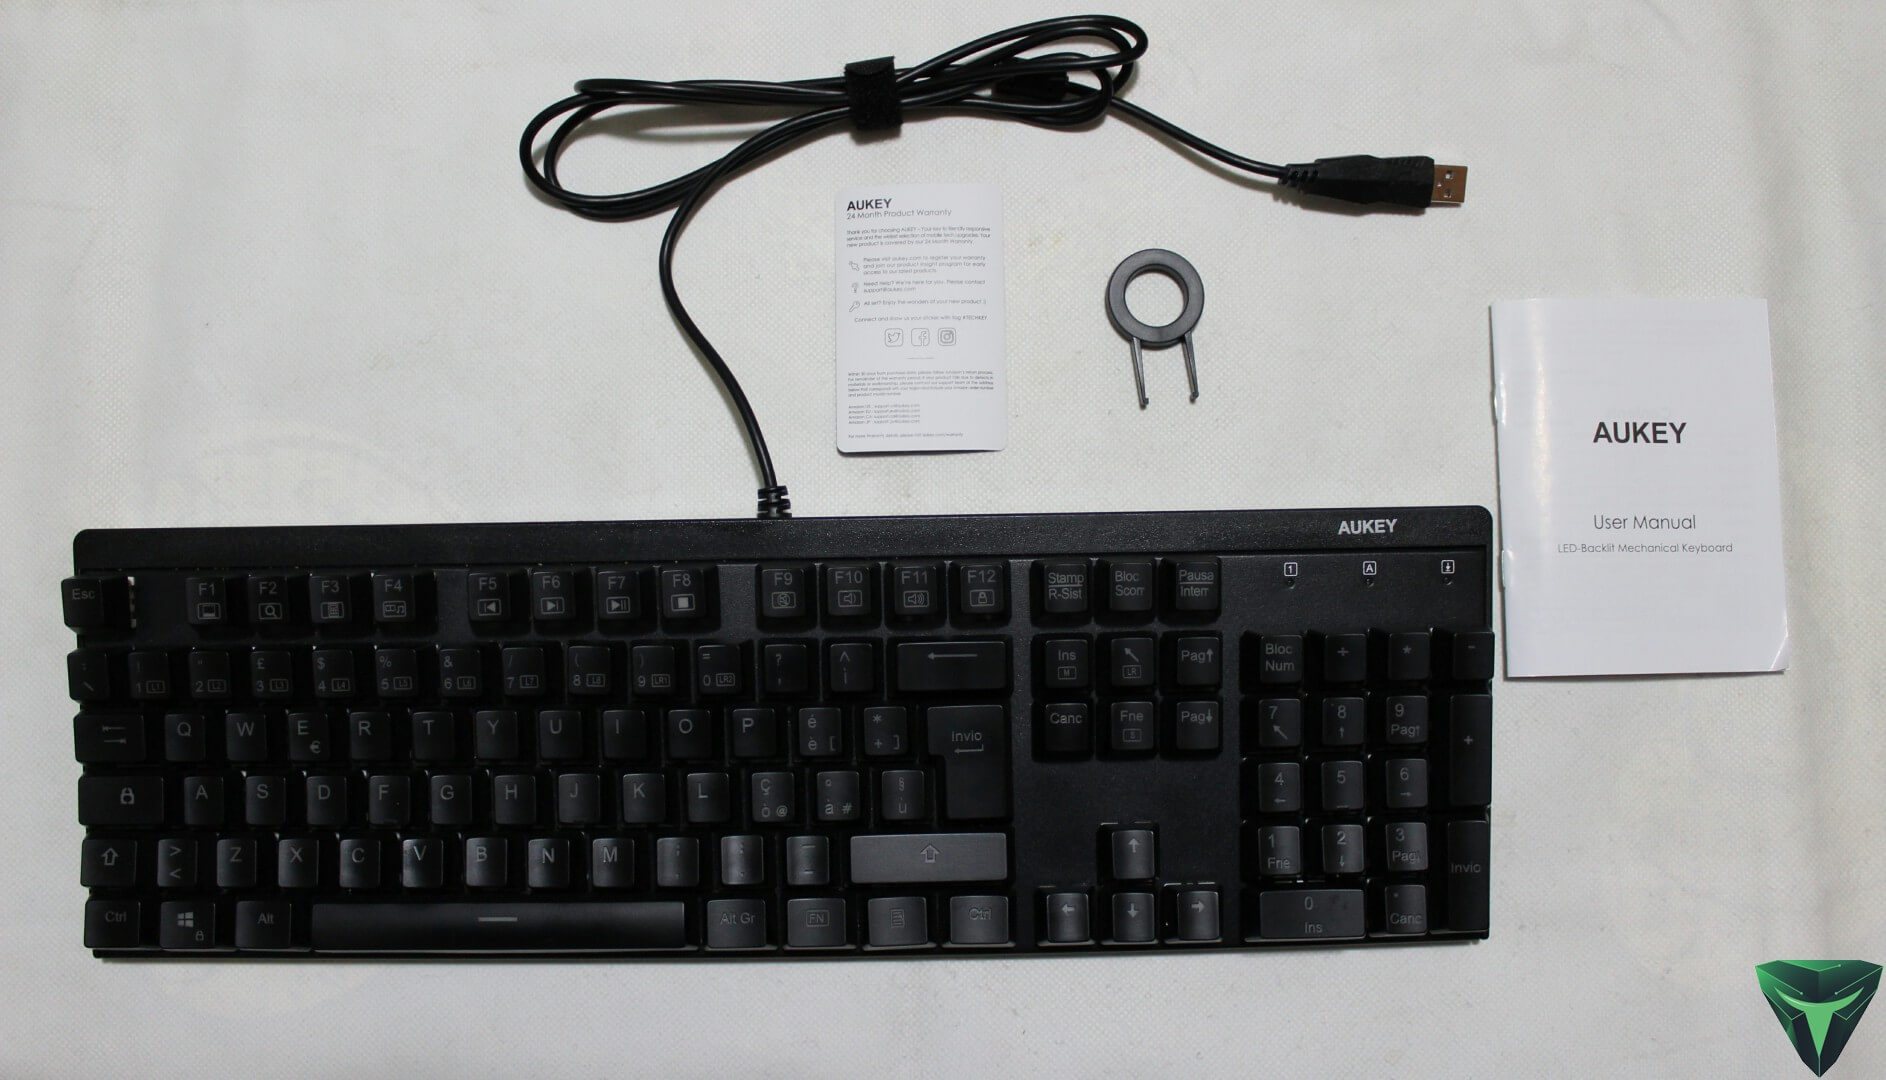 Aukey Tastiera meccanica KM-G6 recensione